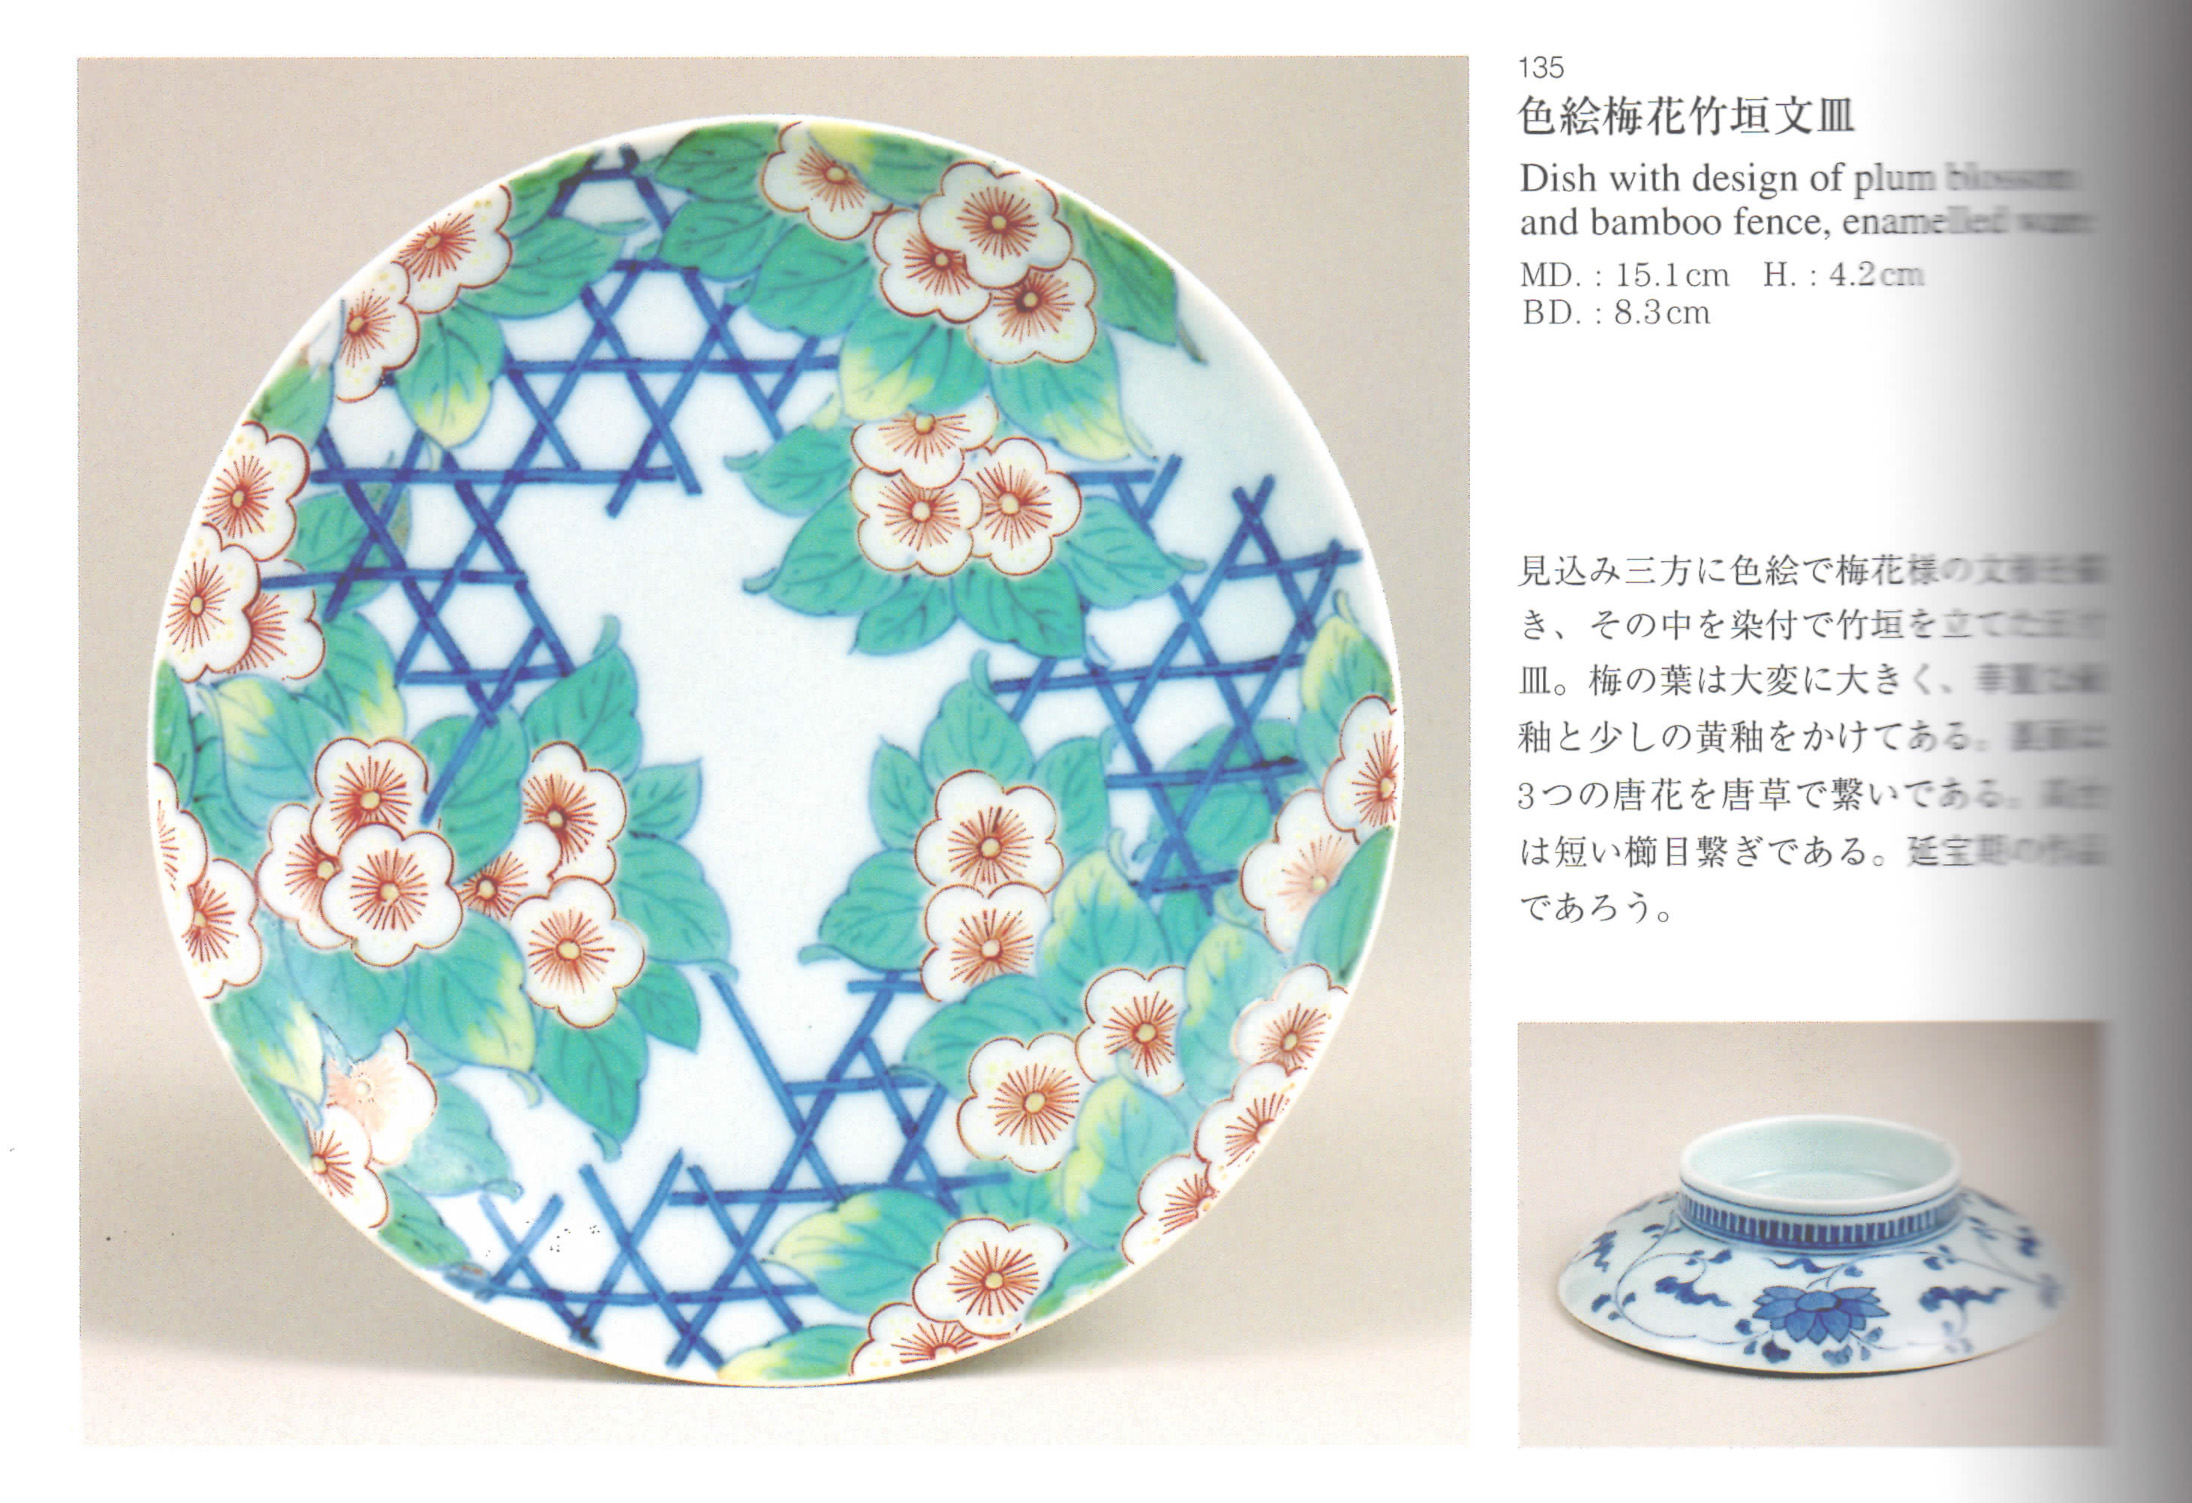 鍋島色絵梅文皿